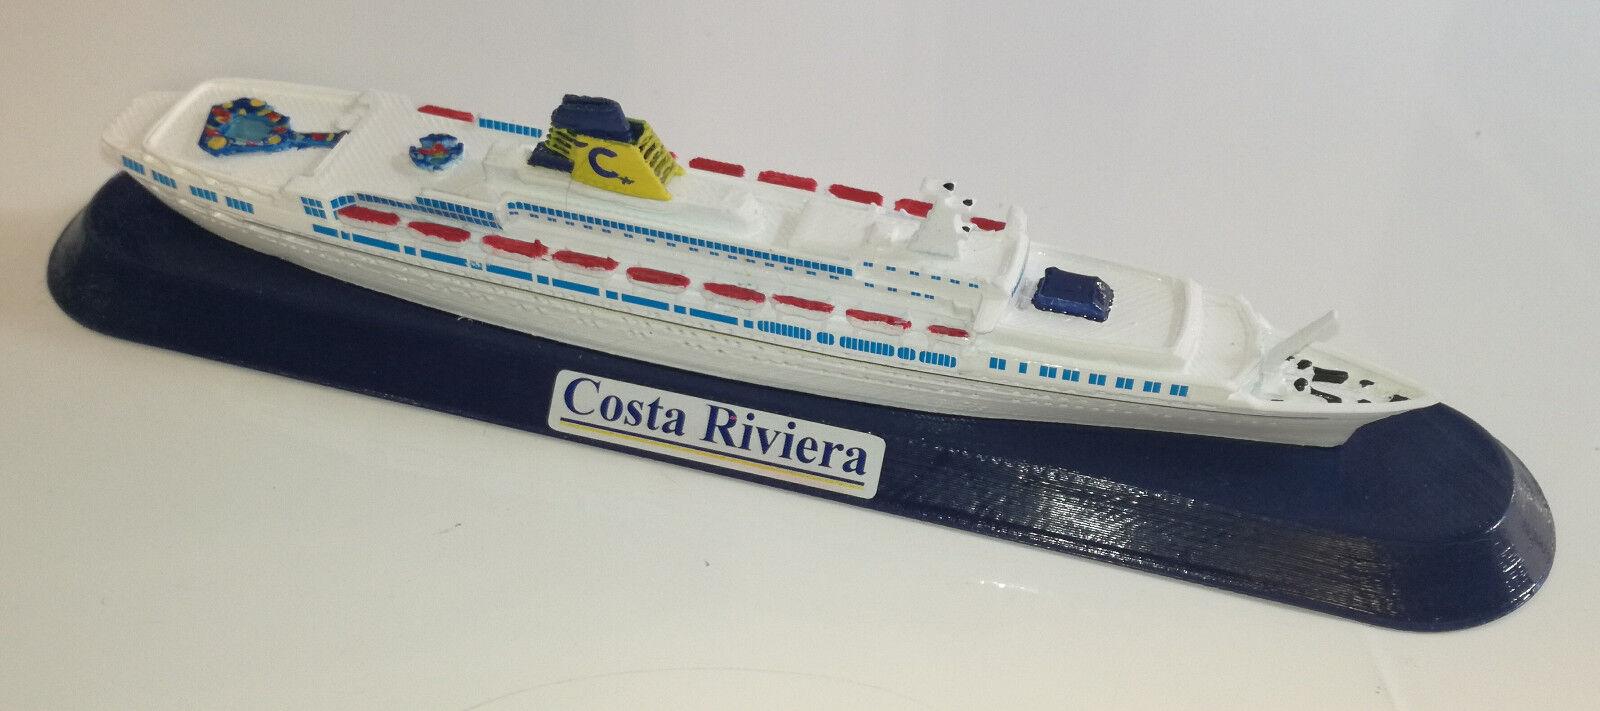 COSTA RIVIERA COSTA CROCIERE CROCIERE CROCIERE EX. t n Guglielmo Marconi model ship scale 1 1250 301e1e